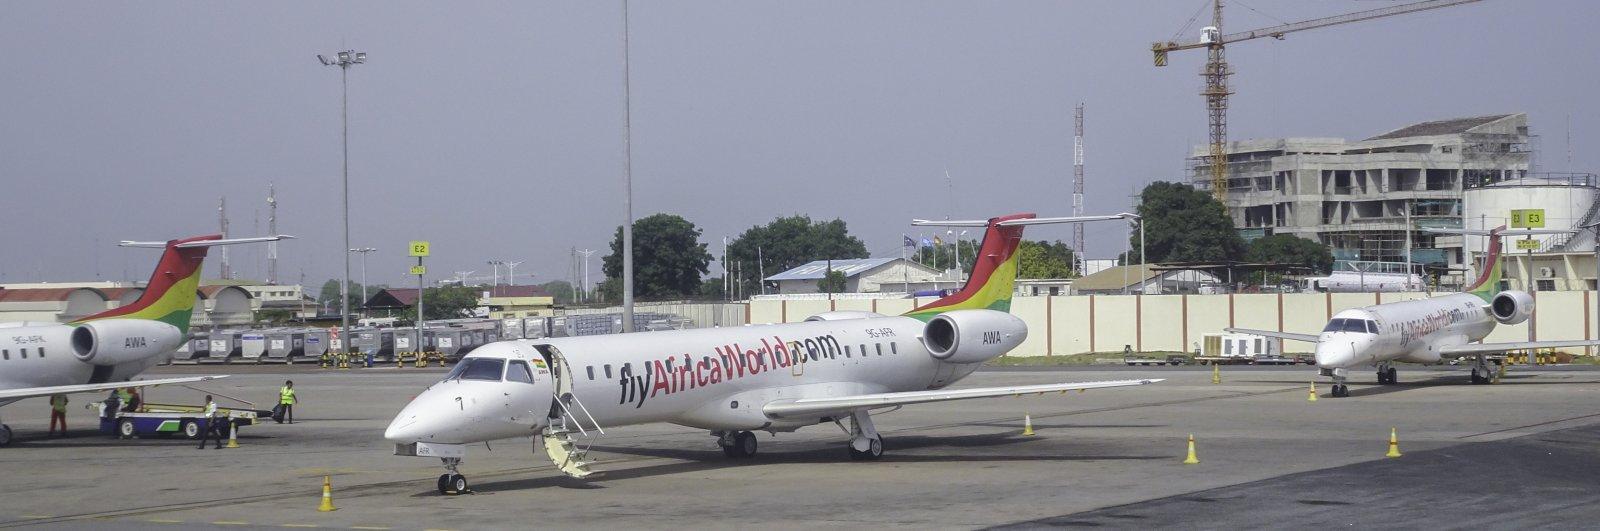 Africa World Airlines Embraer ERJ-145LI 9G-AFR